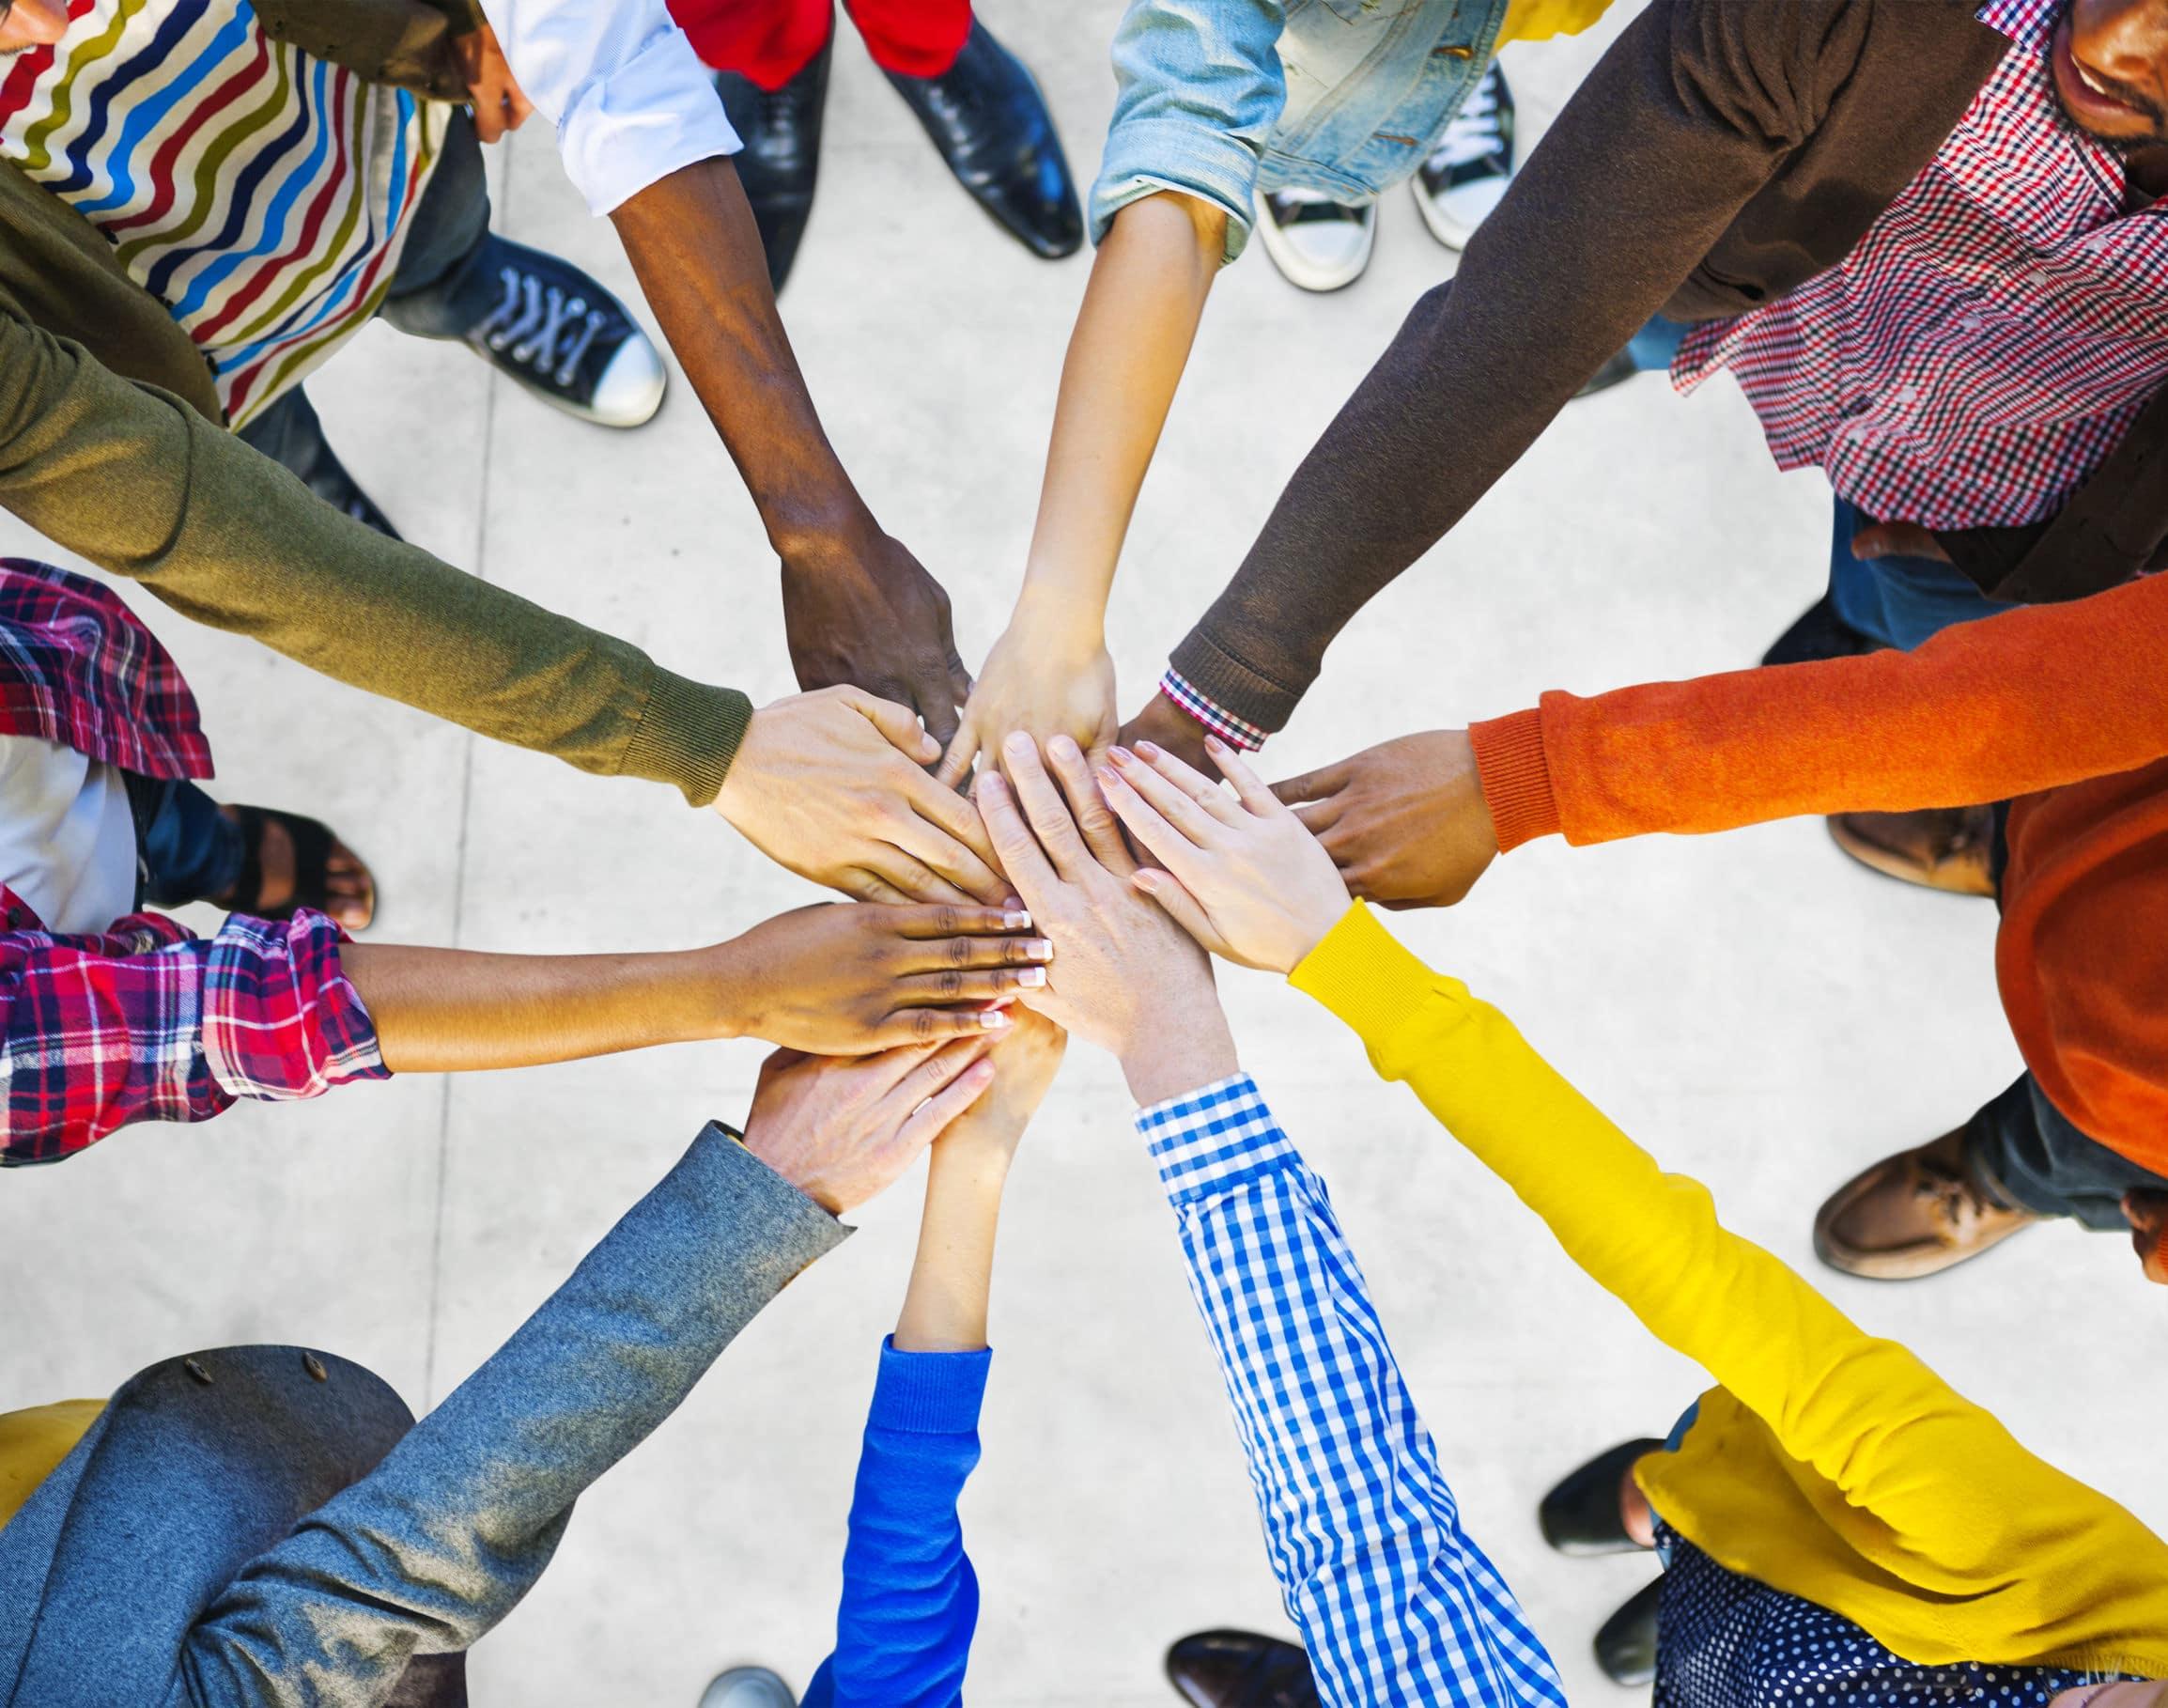 grupo de diversas pessoas multiétnicas trabalho em equipe, juntando suas mãos